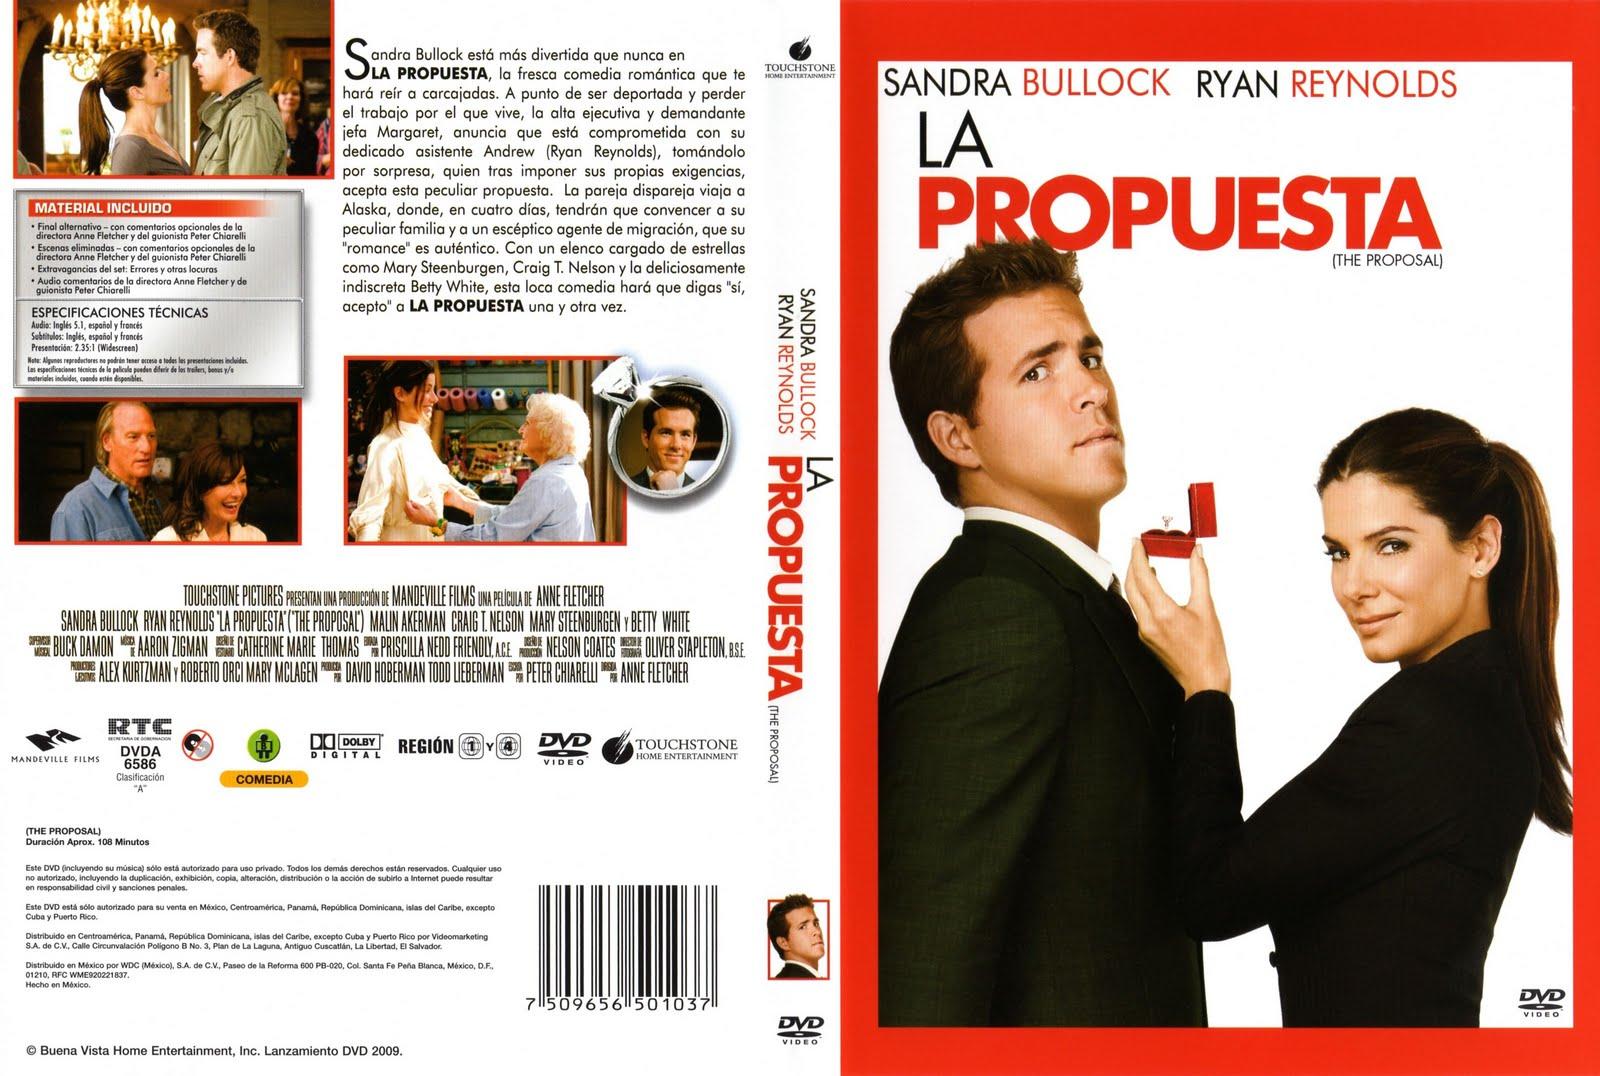 Peliculas DVD: La Propuesta: peliculasdvdrlatino.blogspot.com/2010/06/la-propuesta.html